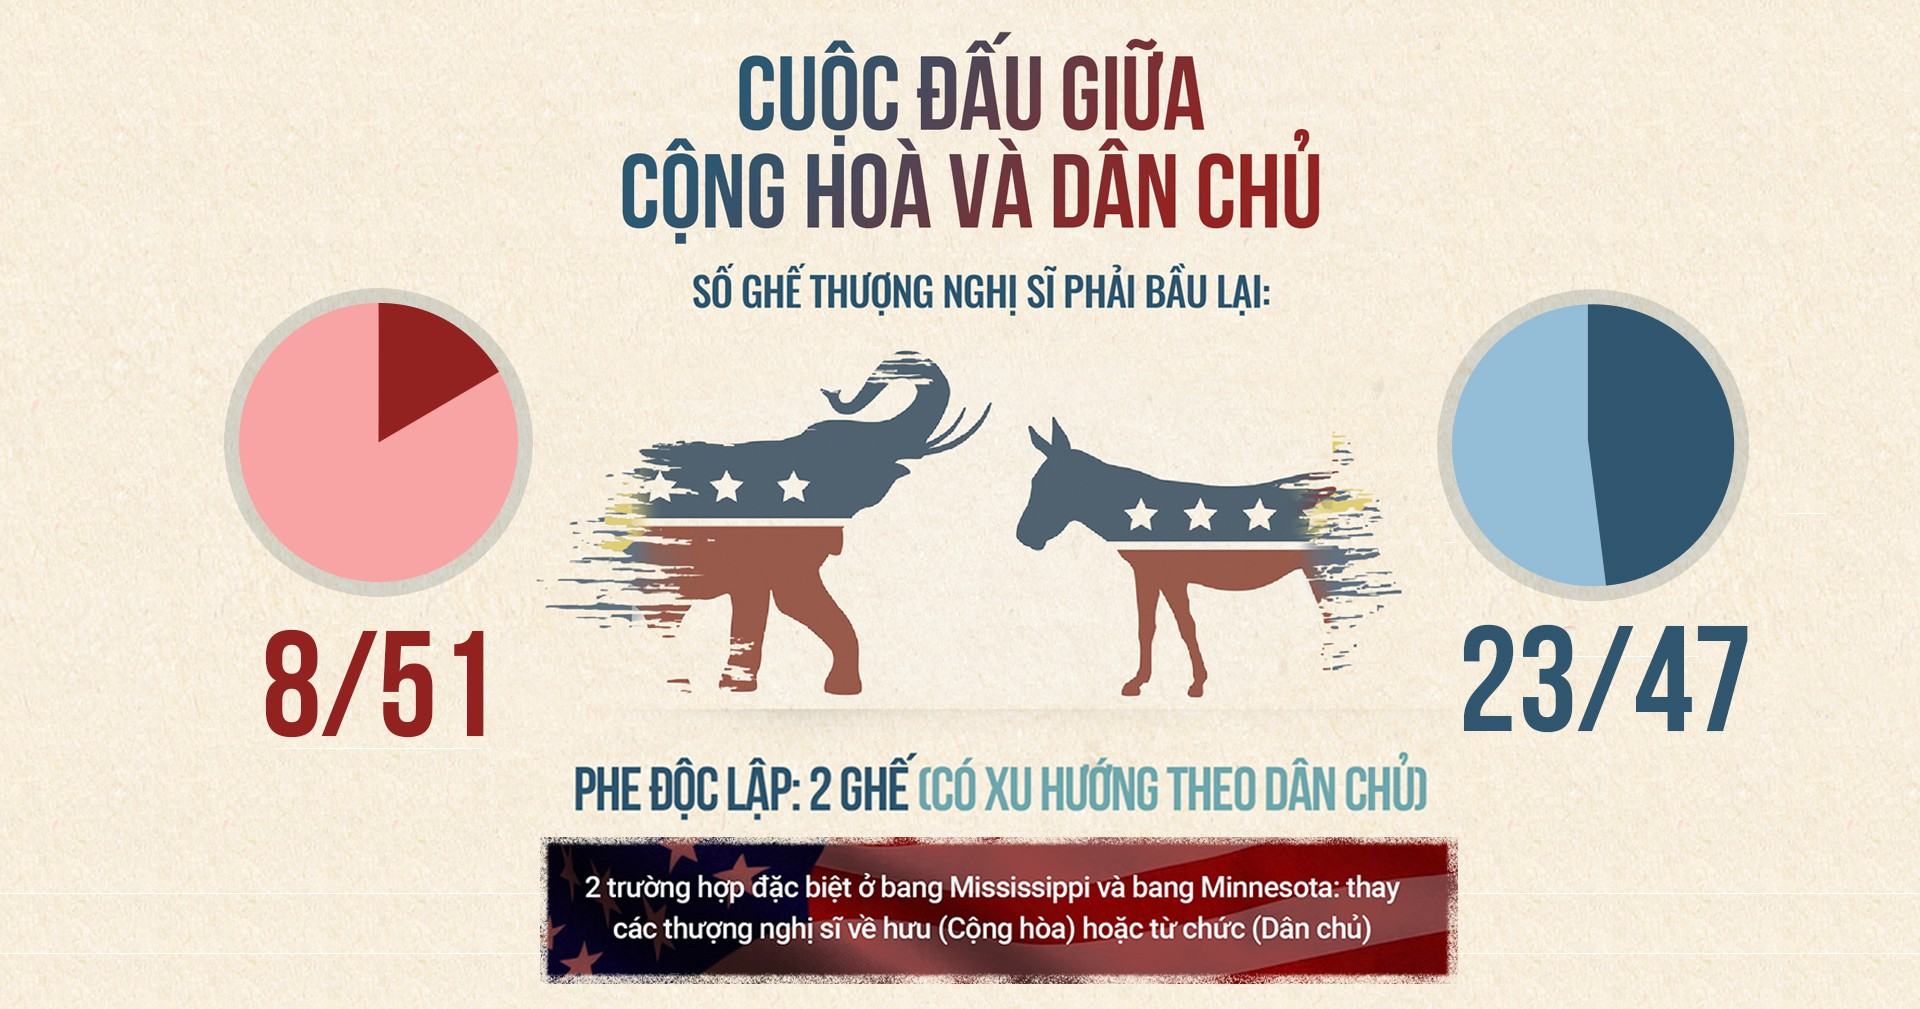 Bầu cử giữa kỳ ở Mỹ:  Trận chiến kiểm soát lưỡng viện Quốc hội - Ảnh 5.